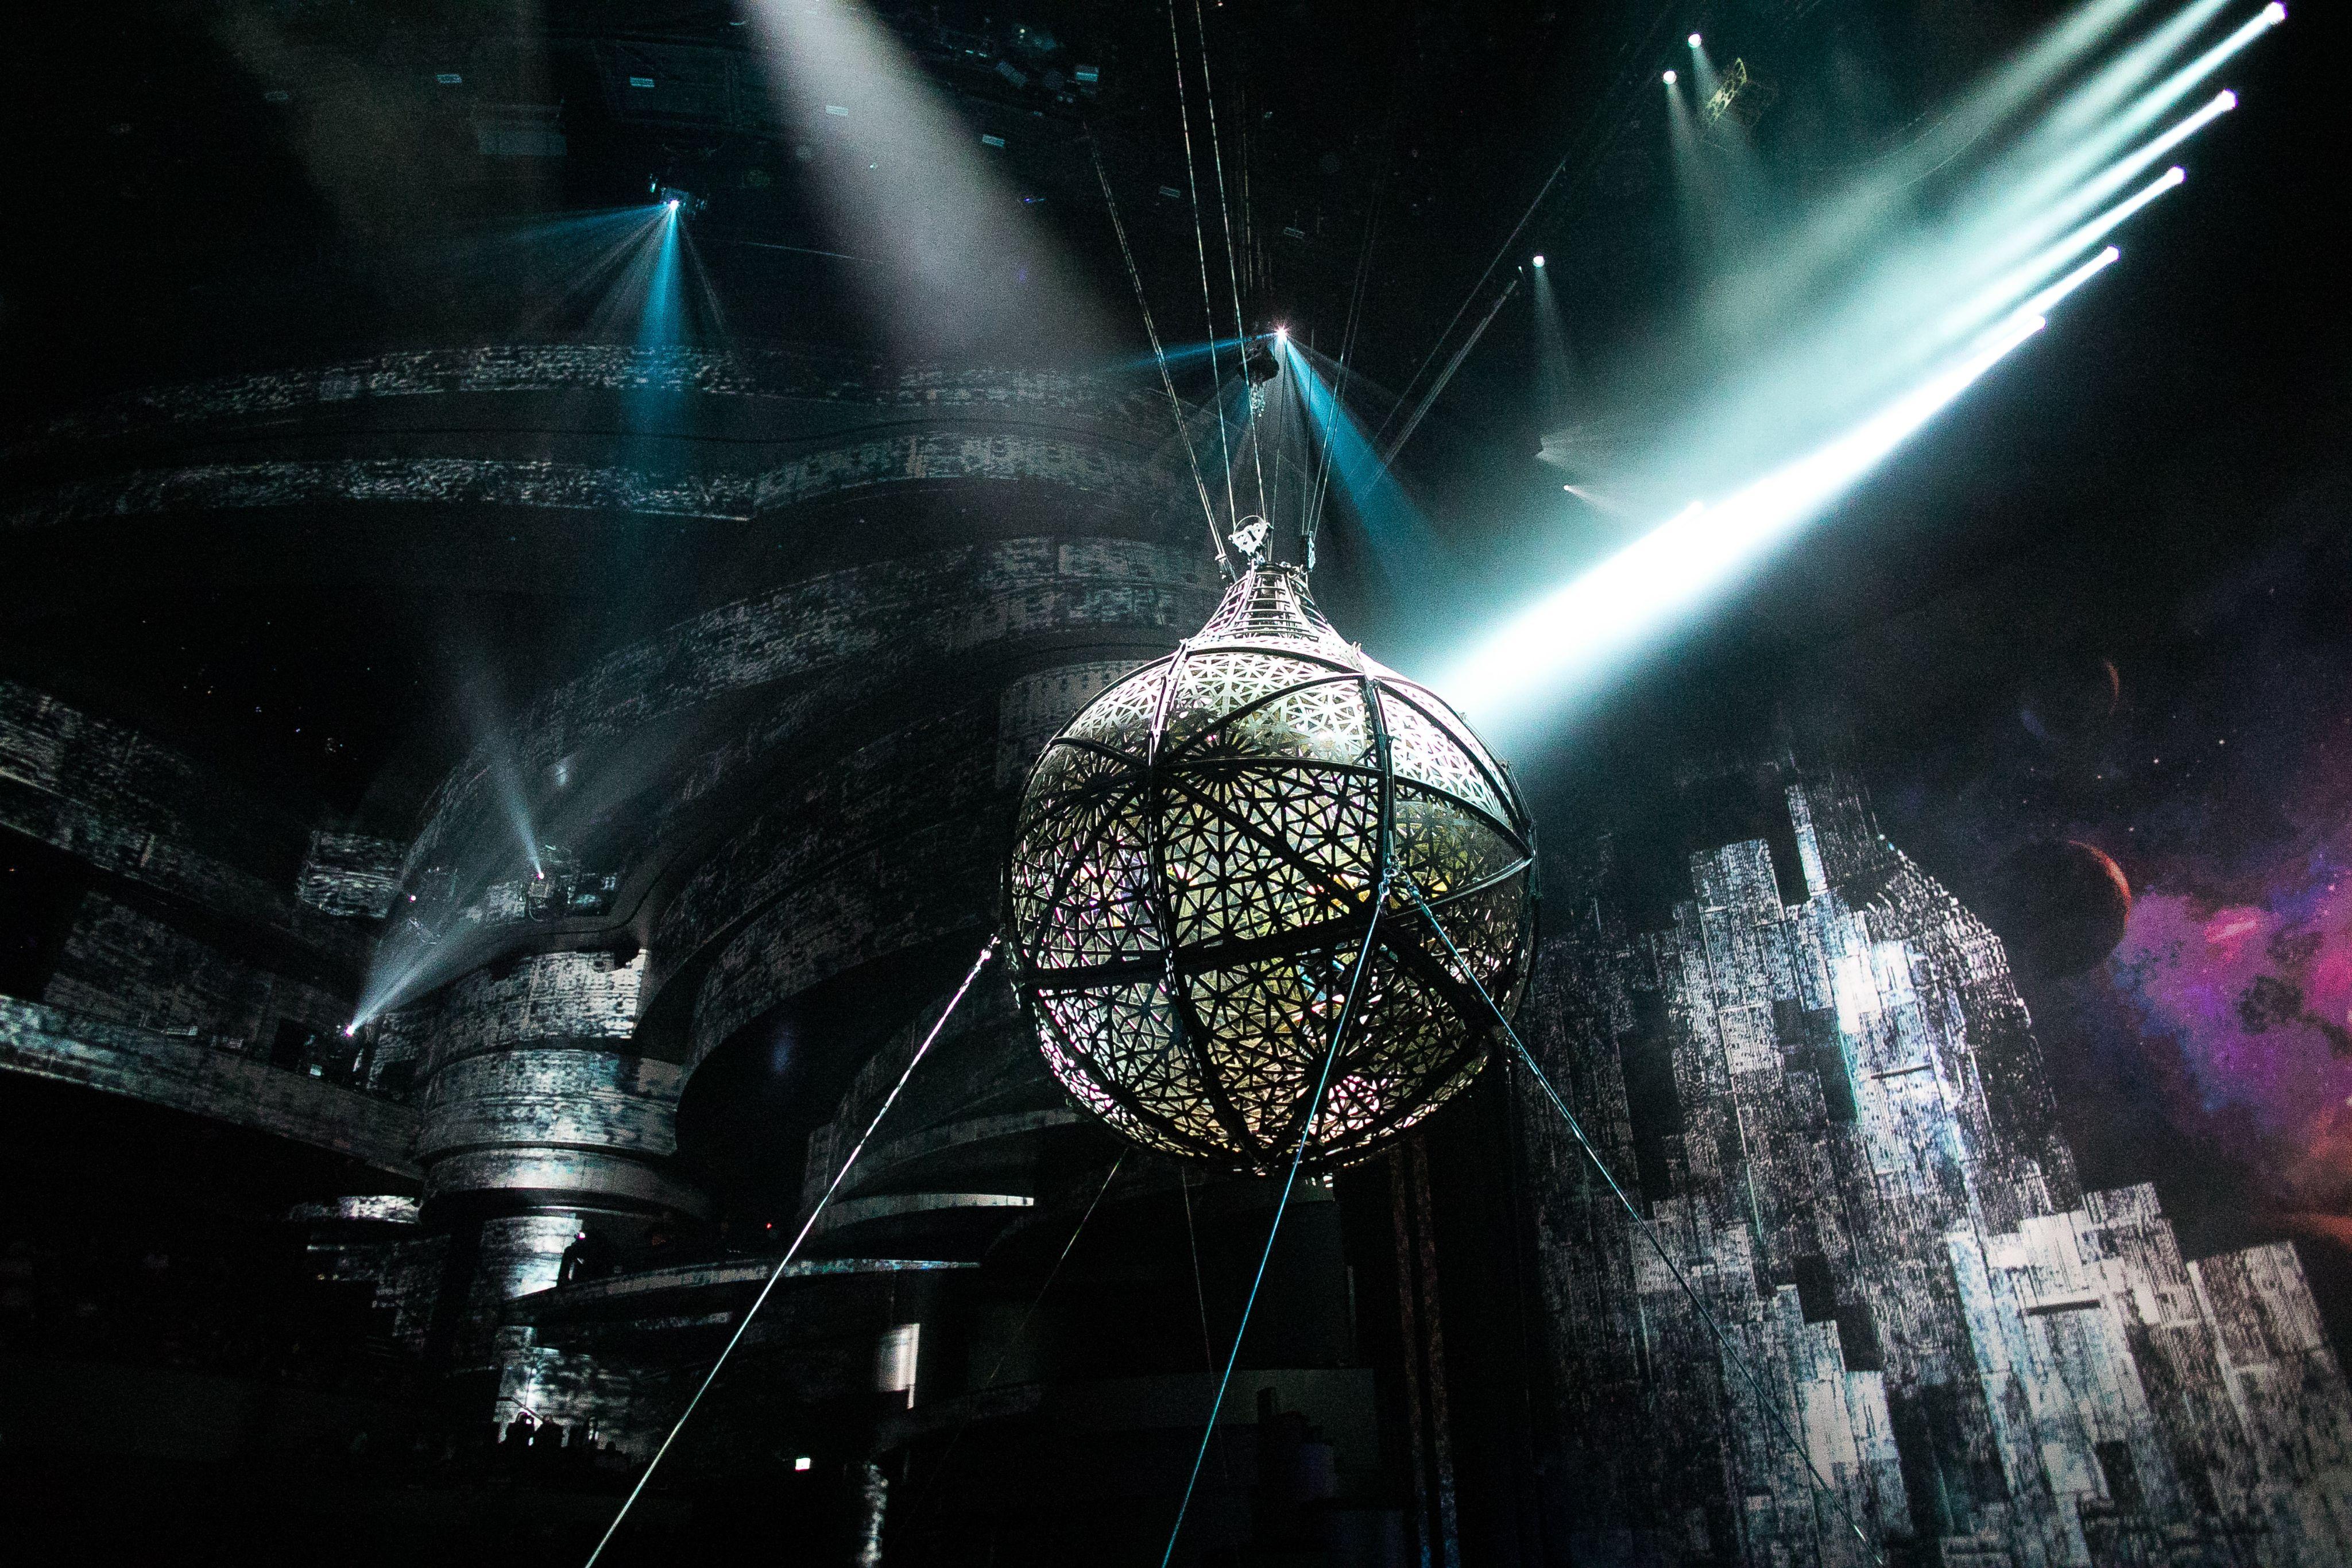 세계 최초 아쿠아씨어터에서 펼쳐지는 숨막히게 화려한 공연 La Perle